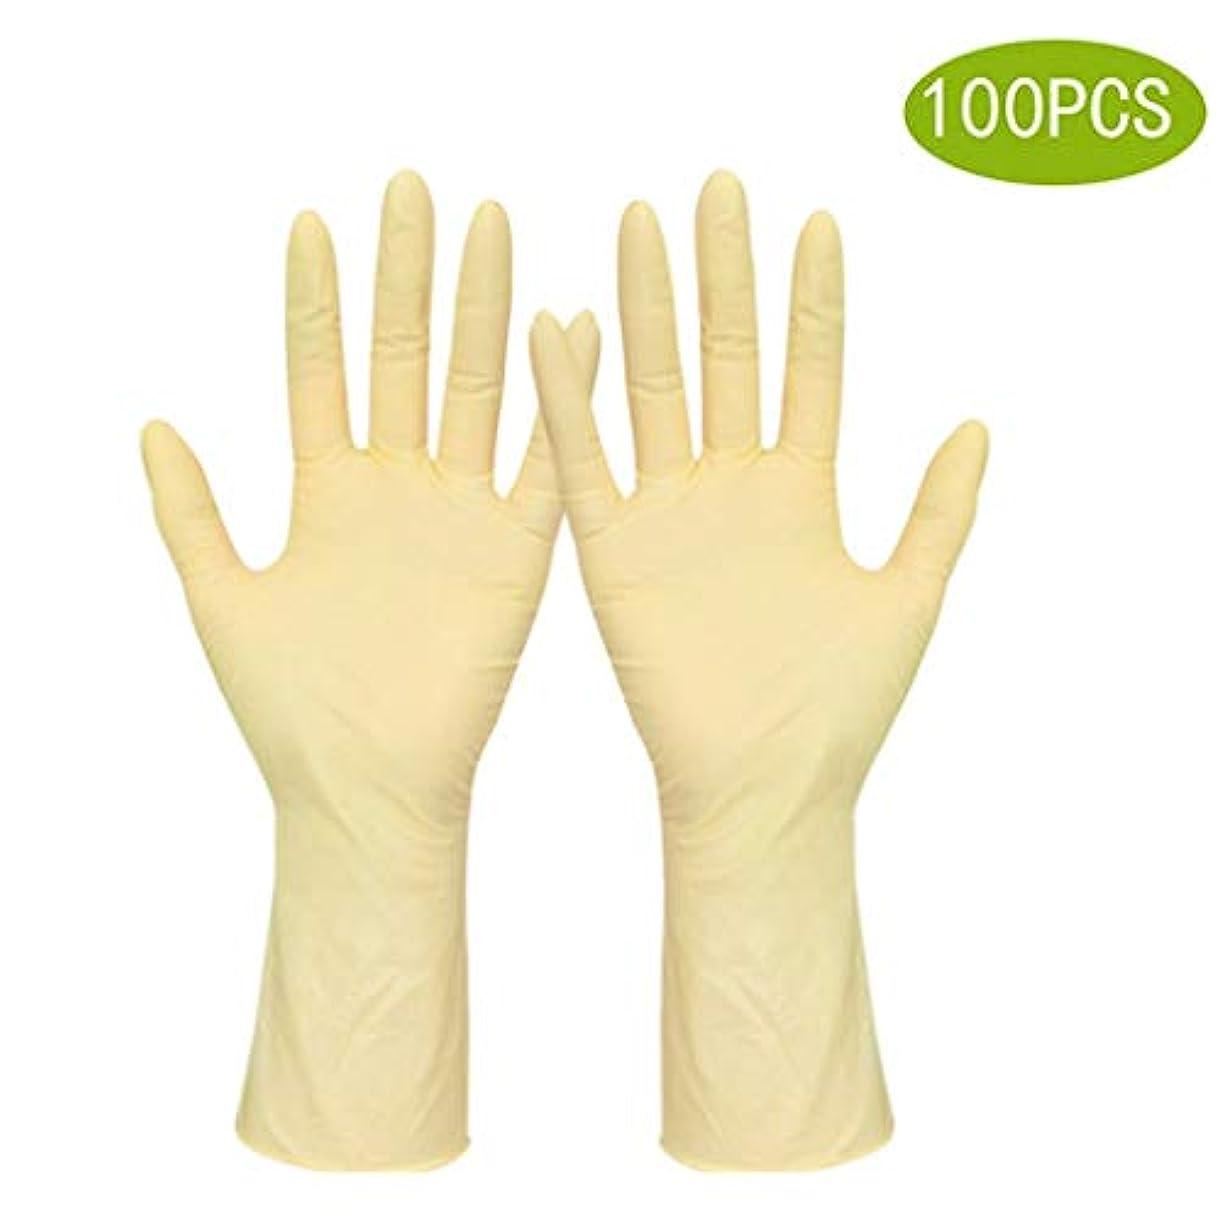 コミュニケーション海上ダンスラテックス手袋4ミル使い捨て手袋 - 試験グレード、パウダーフリー、テクスチャード加工、非滅菌、小、100個入り (Size : S)